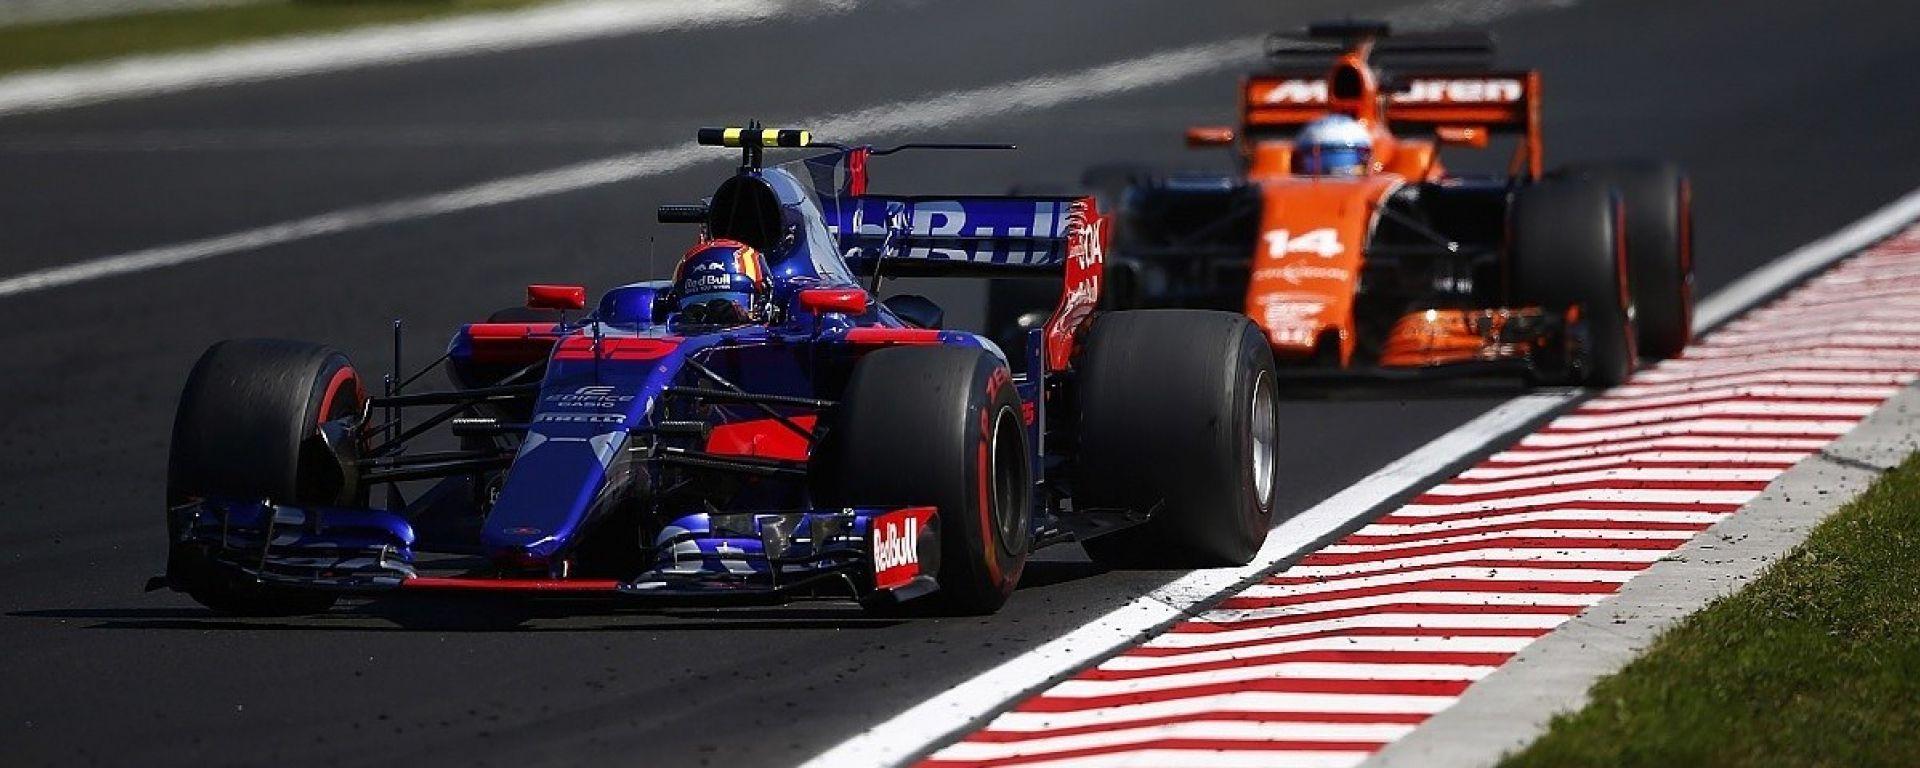 McLaren e Toro Rosso nel 2018